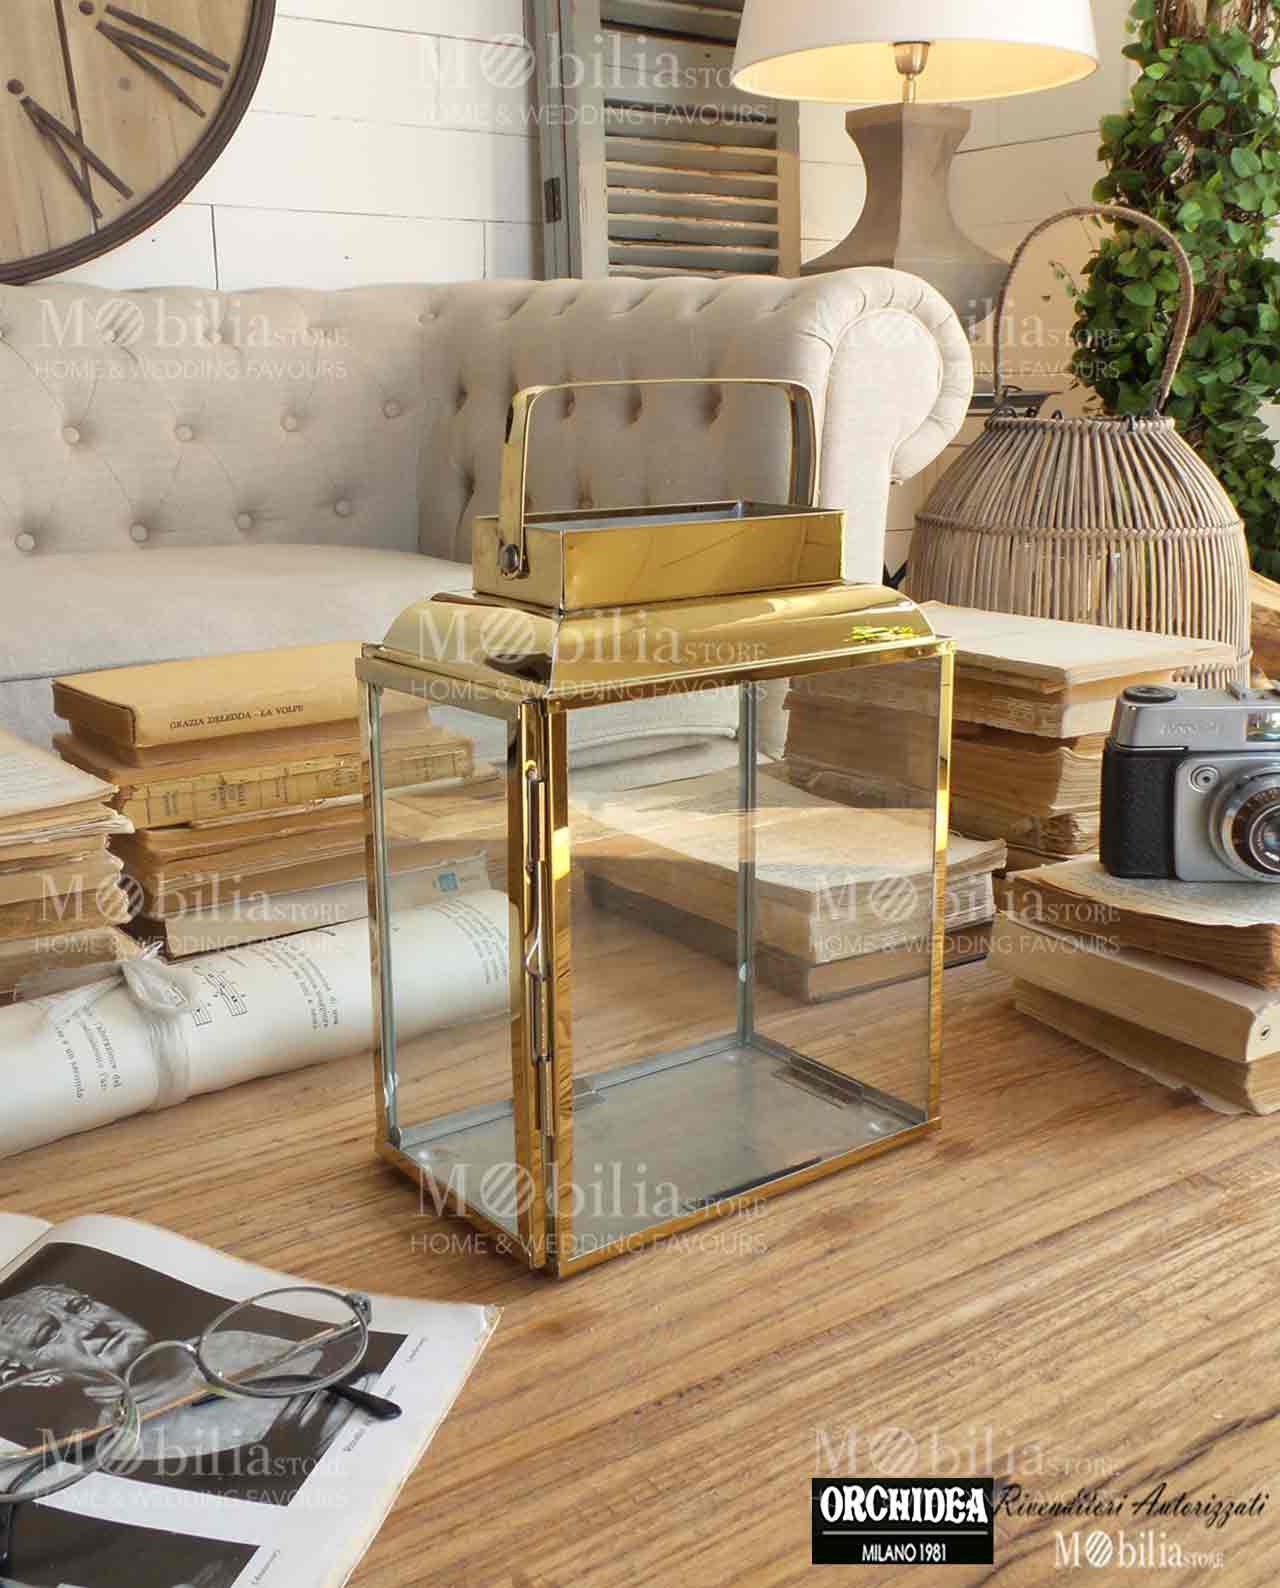 Rettangolare collezzione gold antique mobilia store home for Mobilia store